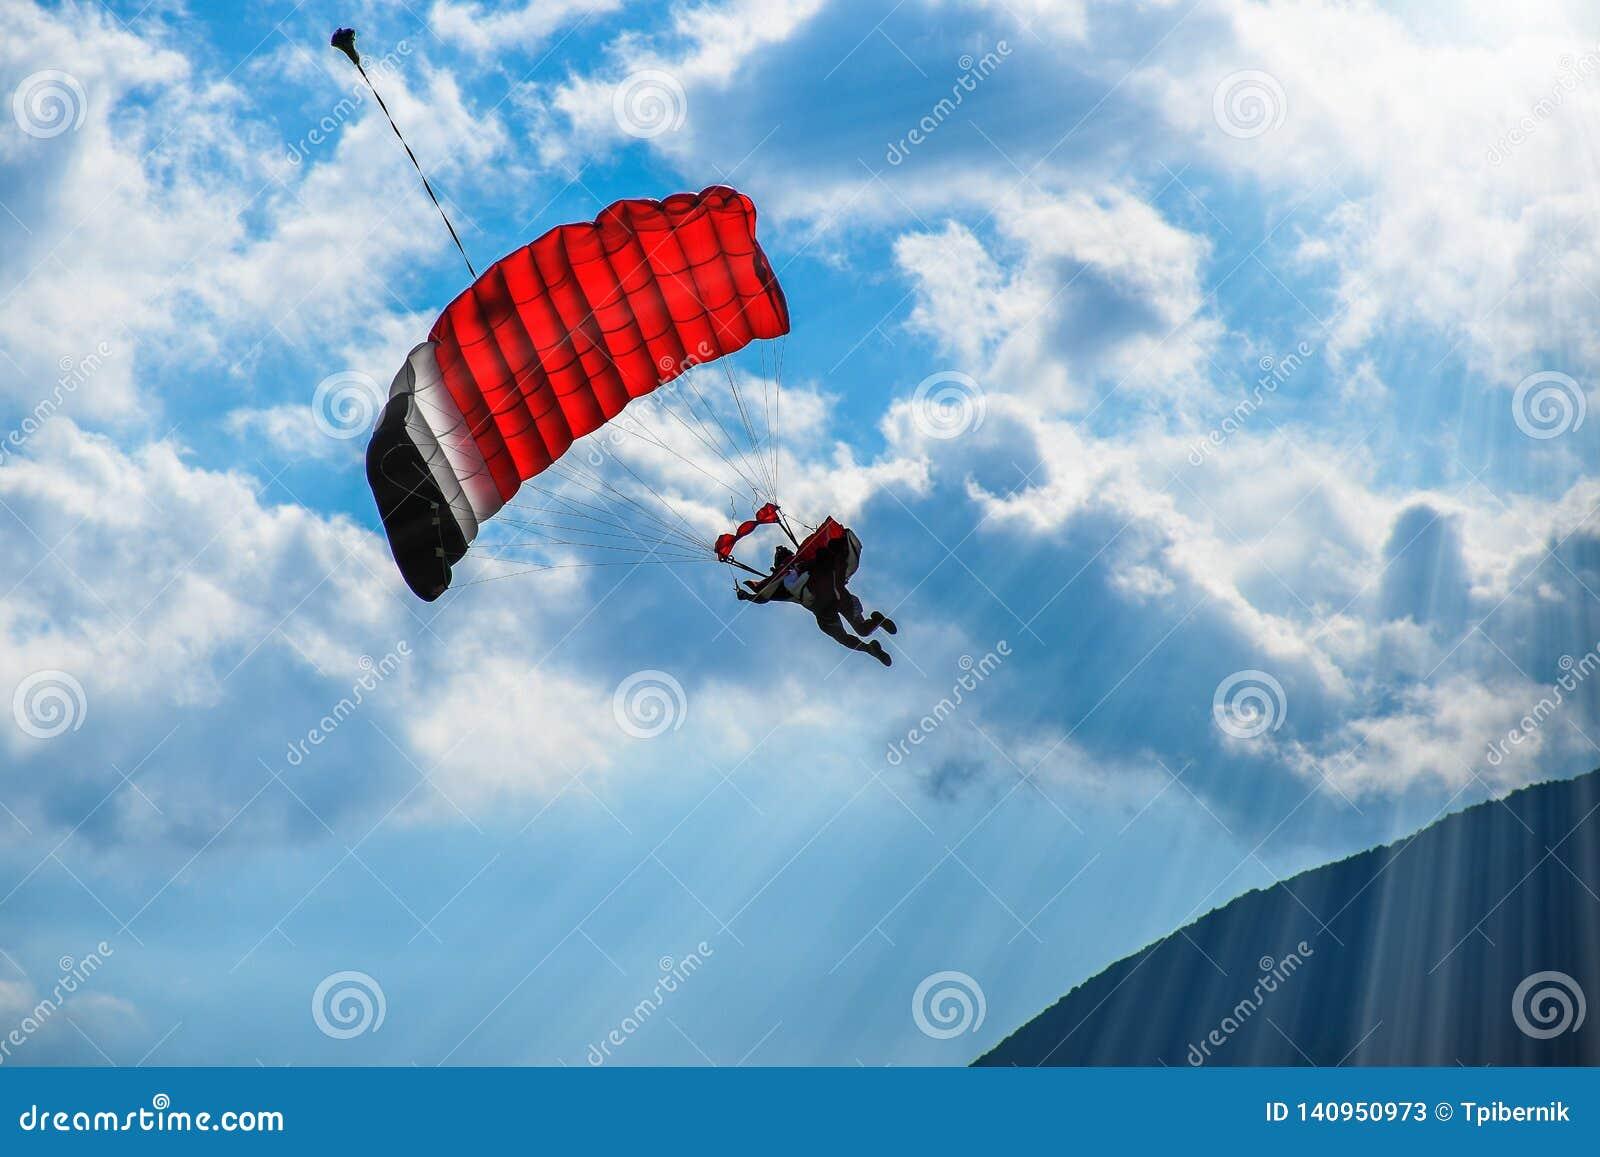 Paraglideren med rött hoppa fallskärm flyg i den blåa himlen